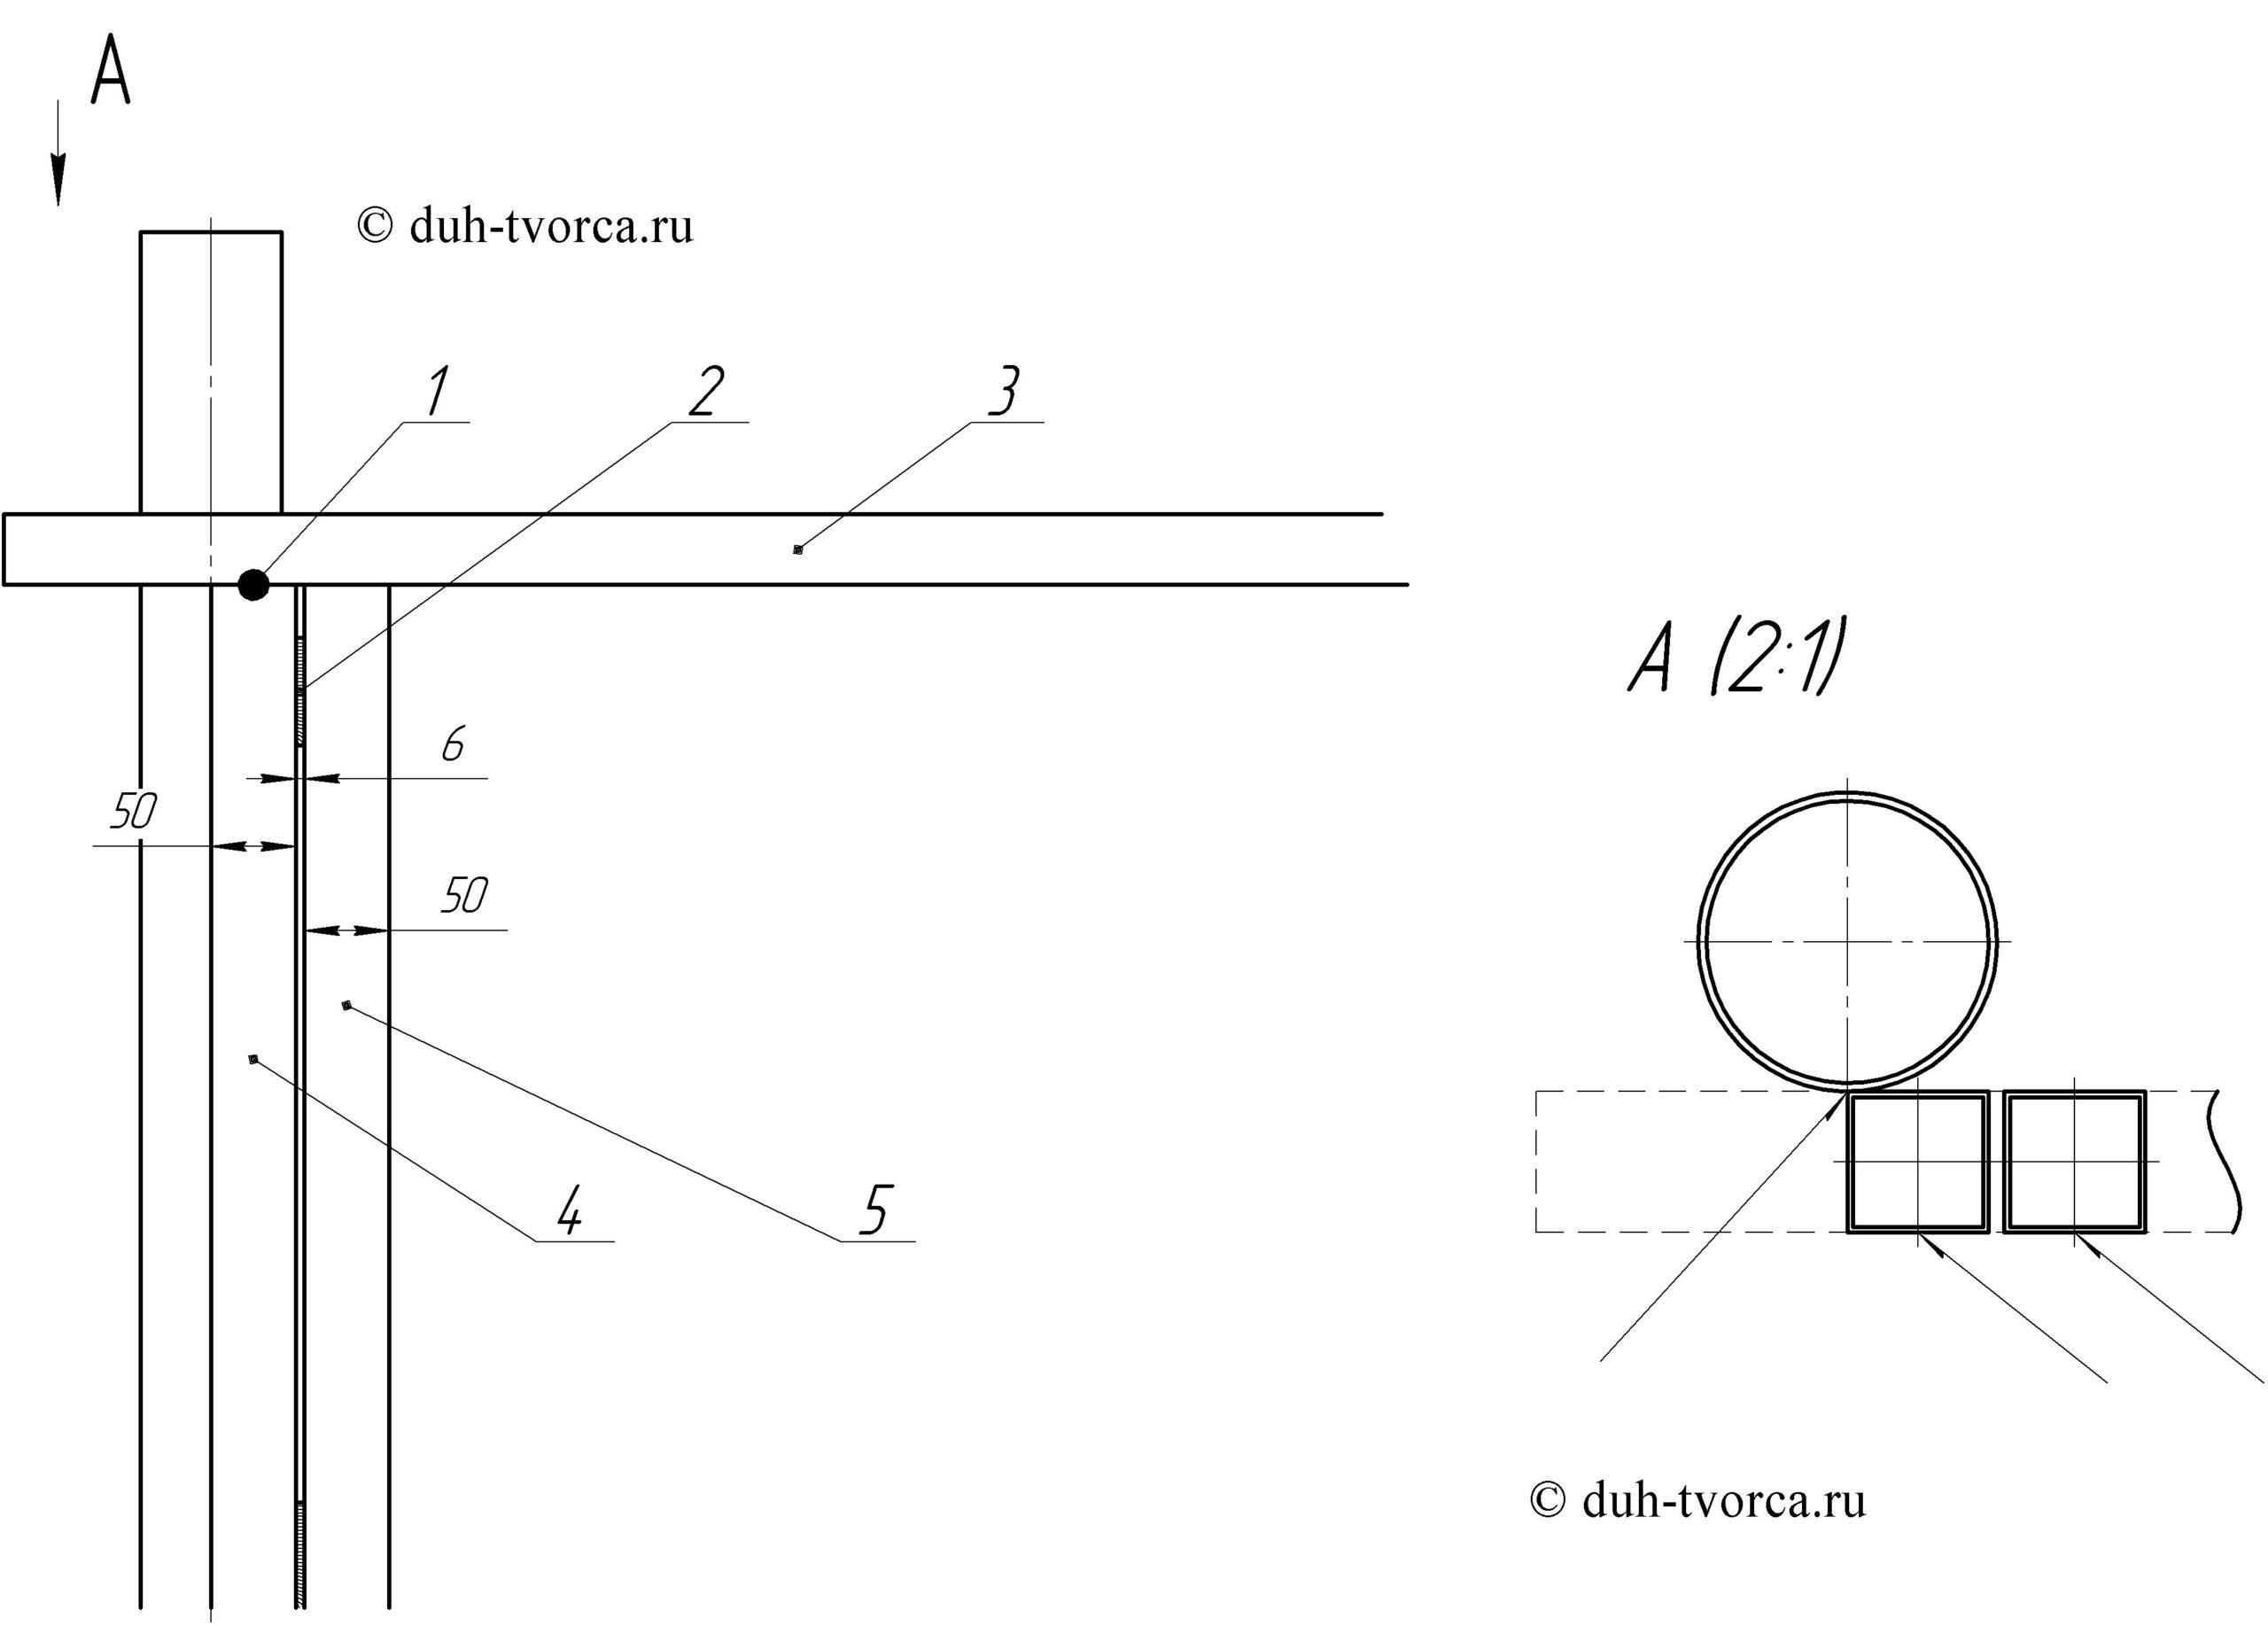 1 - место прихватки, 2 - фанерная прокладка, 3 - направляющий профиль, 4 - вертикальная крайняя стойка, 5 - смежная вертикальная стойка.